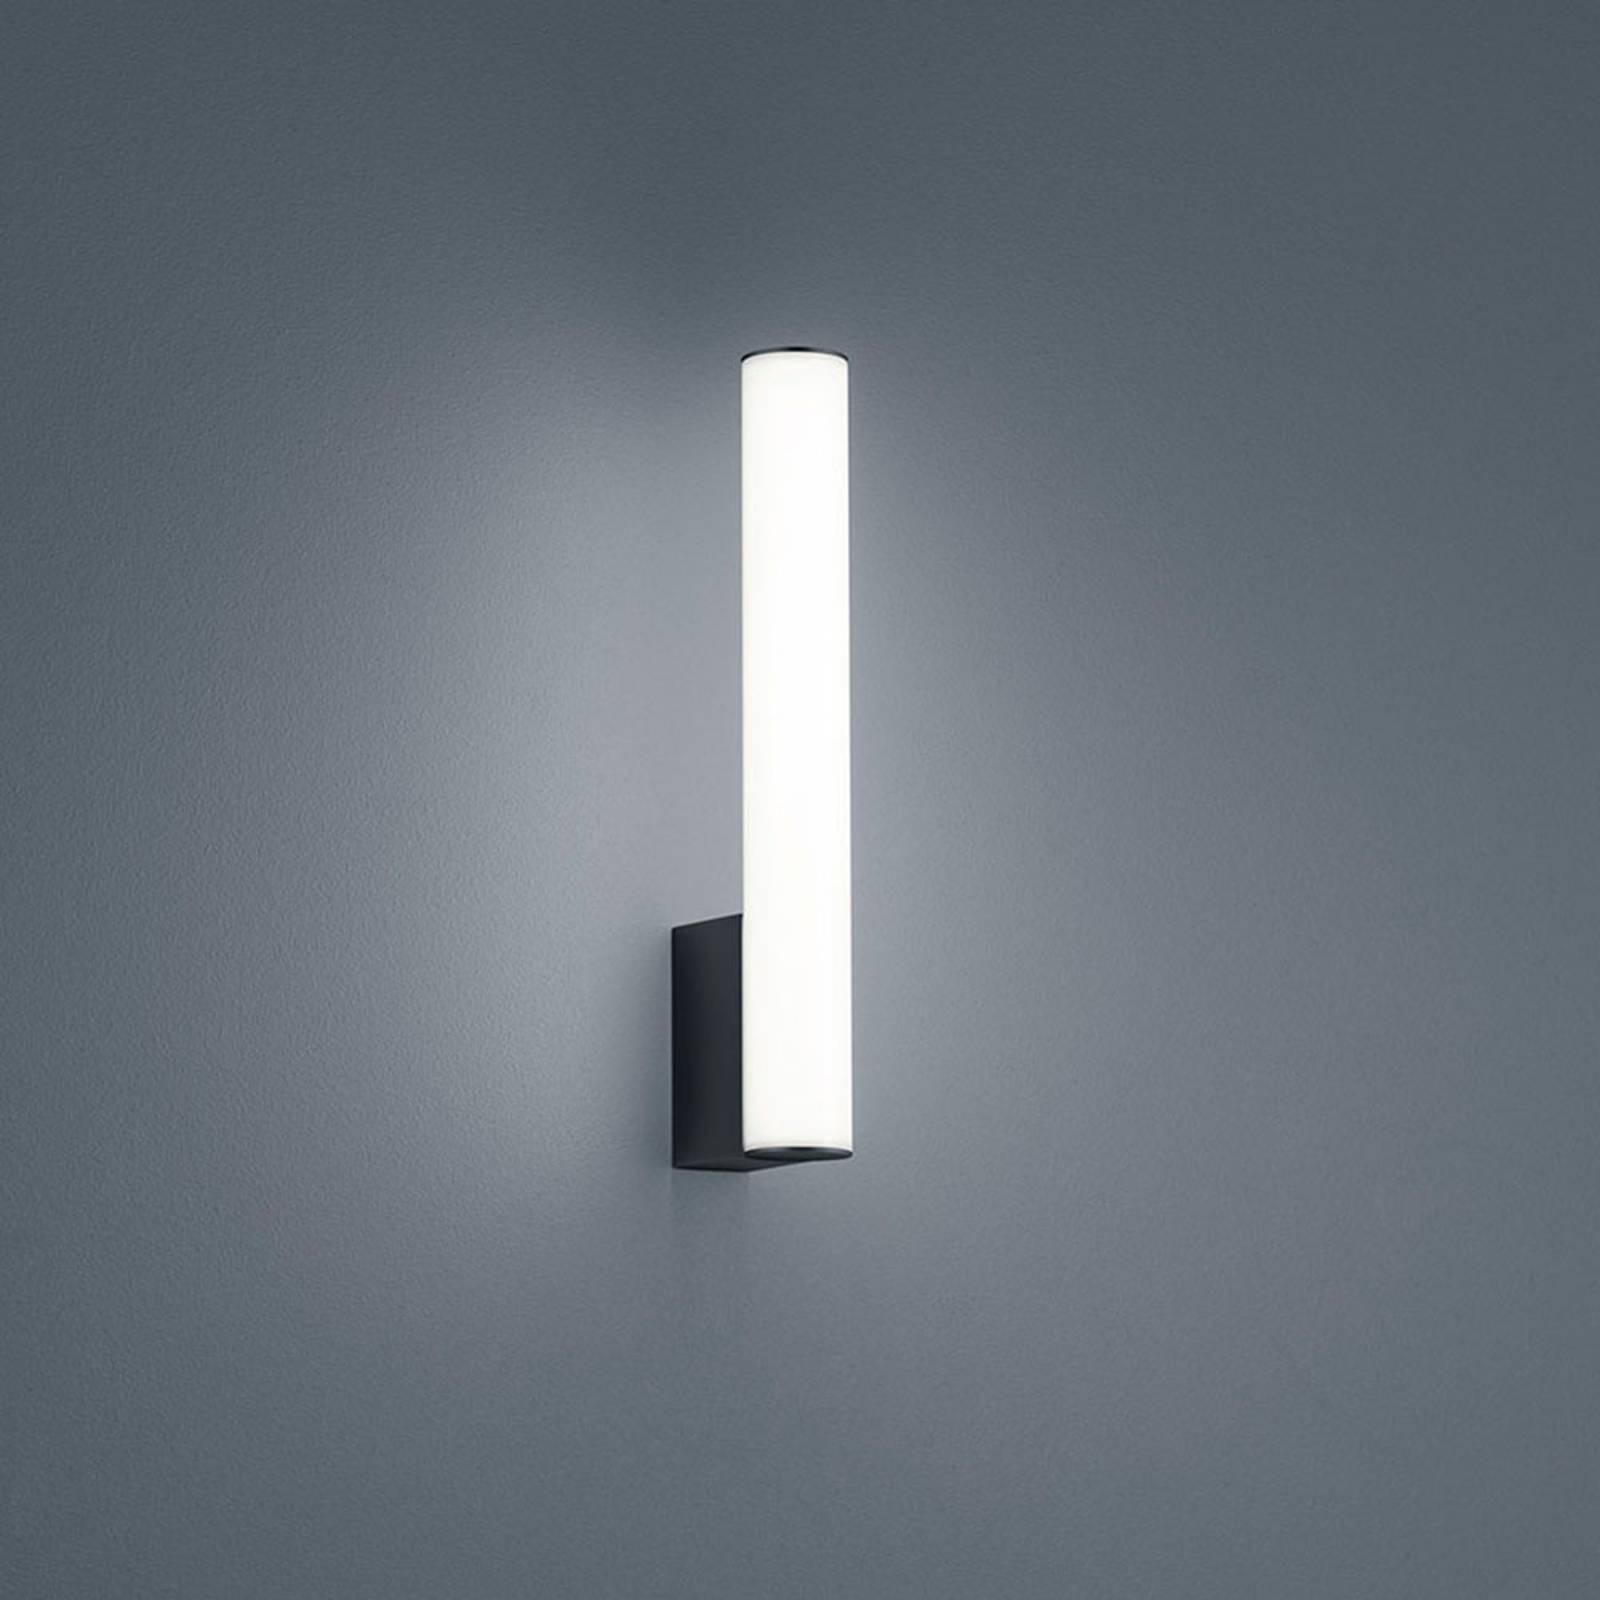 Helestra Loom -LED-peililamppu musta 30 cm